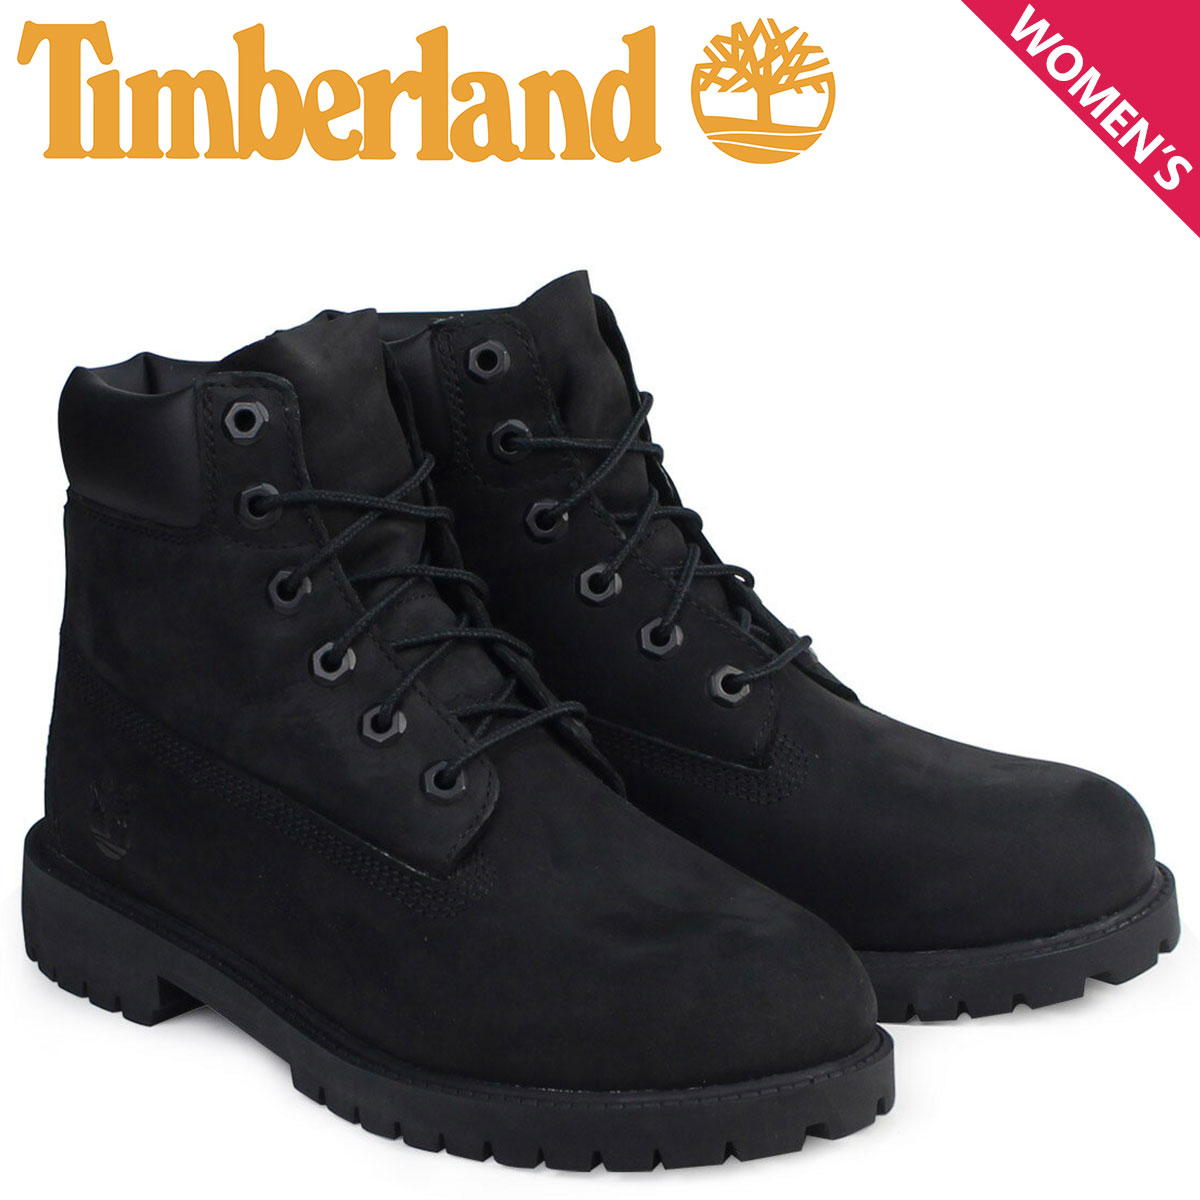 ティンバーランド レディース ブーツ 6インチ Timberland 6INCH WATERPROOF BOOTS プレミアム ウォータープルーフ 12907 ブラック [予約商品 1/25頃入荷予定 追加入荷]